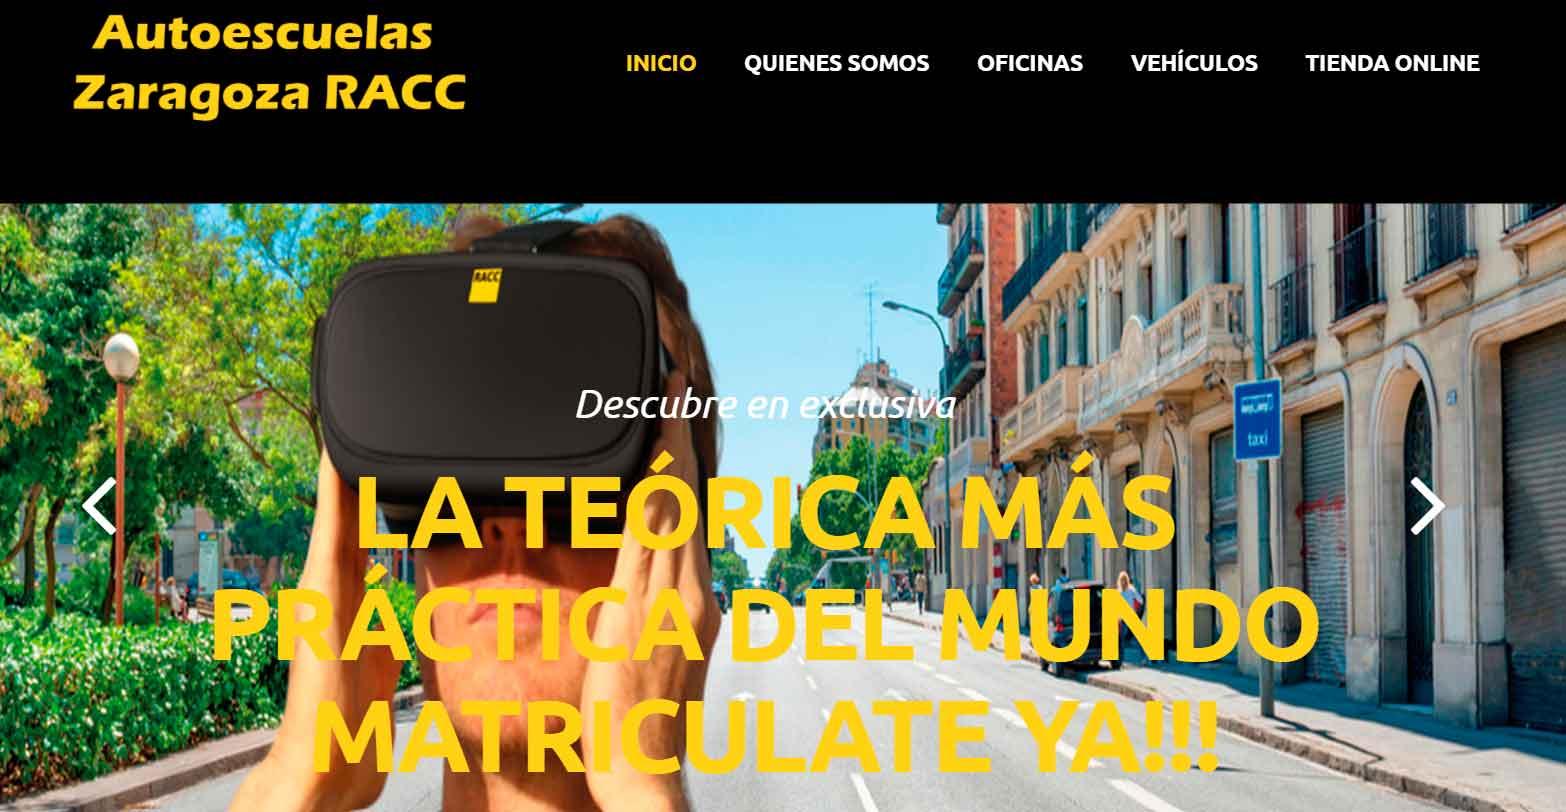 Pagina principal de la autoescuela Zaragoza Racc